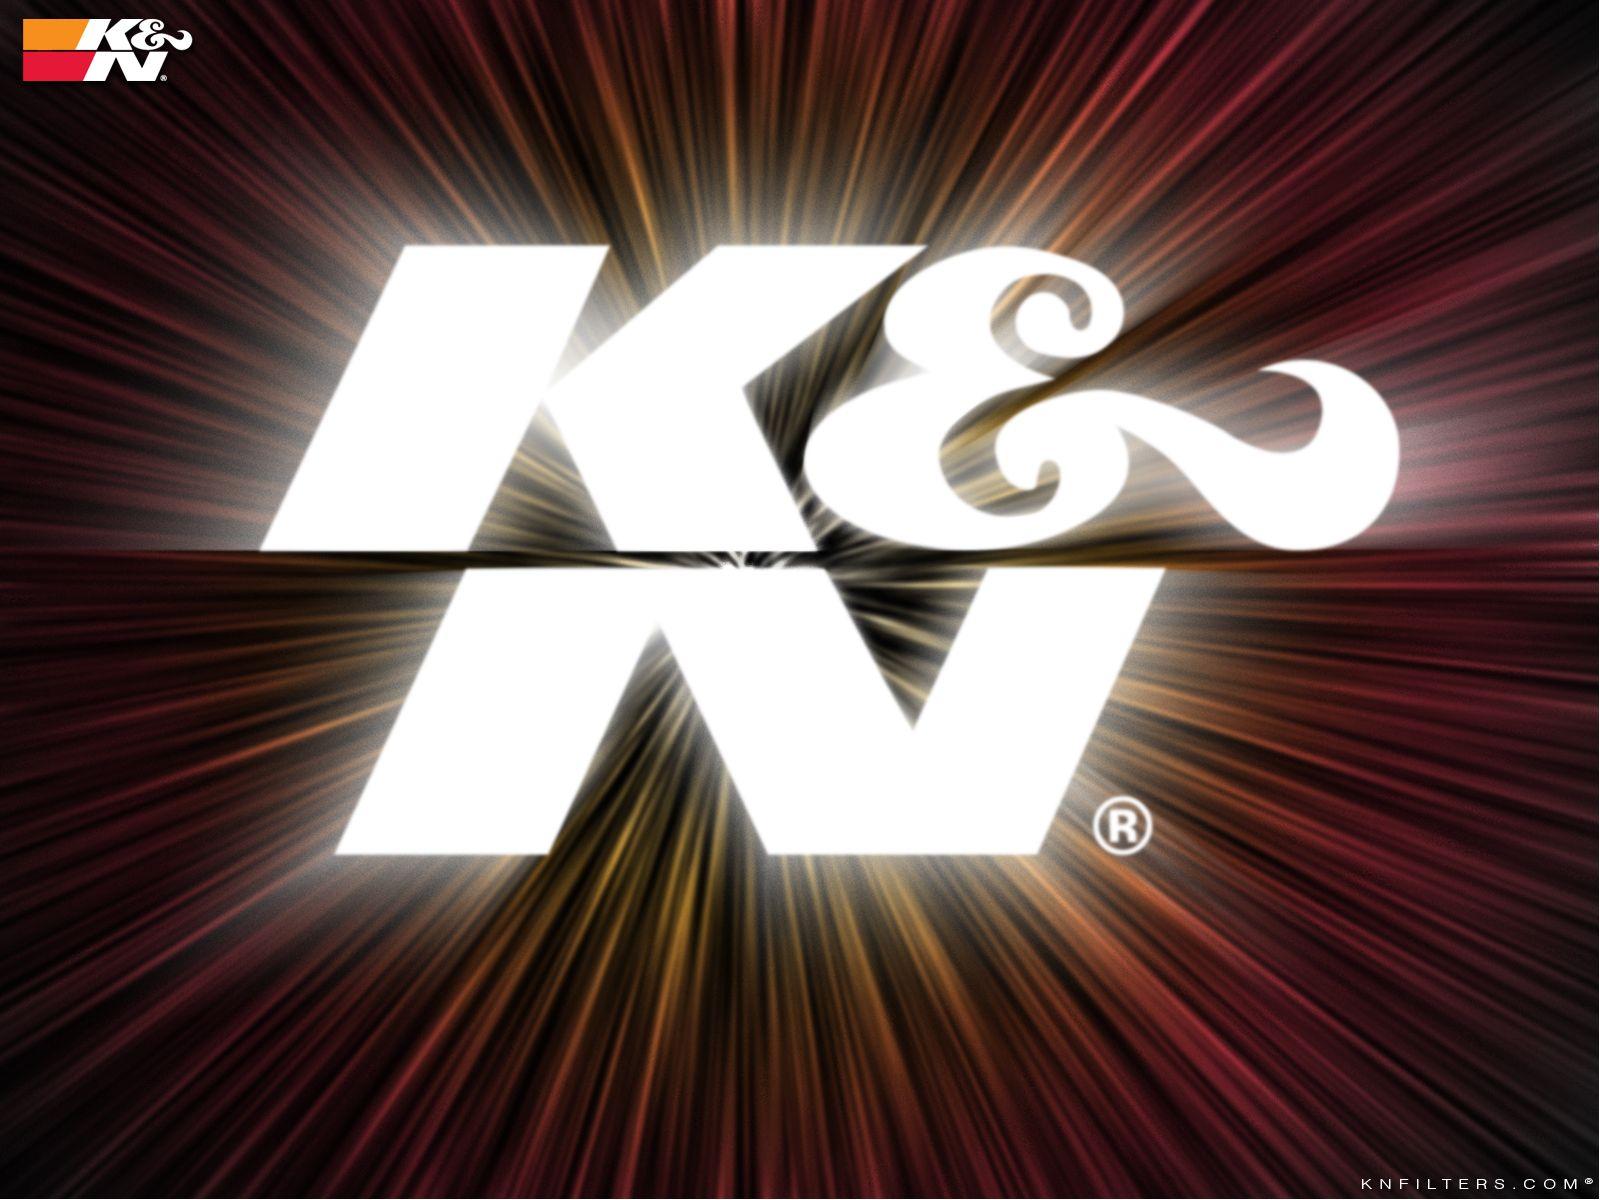 K & N Logo #knfilters | K&N: Logos | Computer wallpaper ...